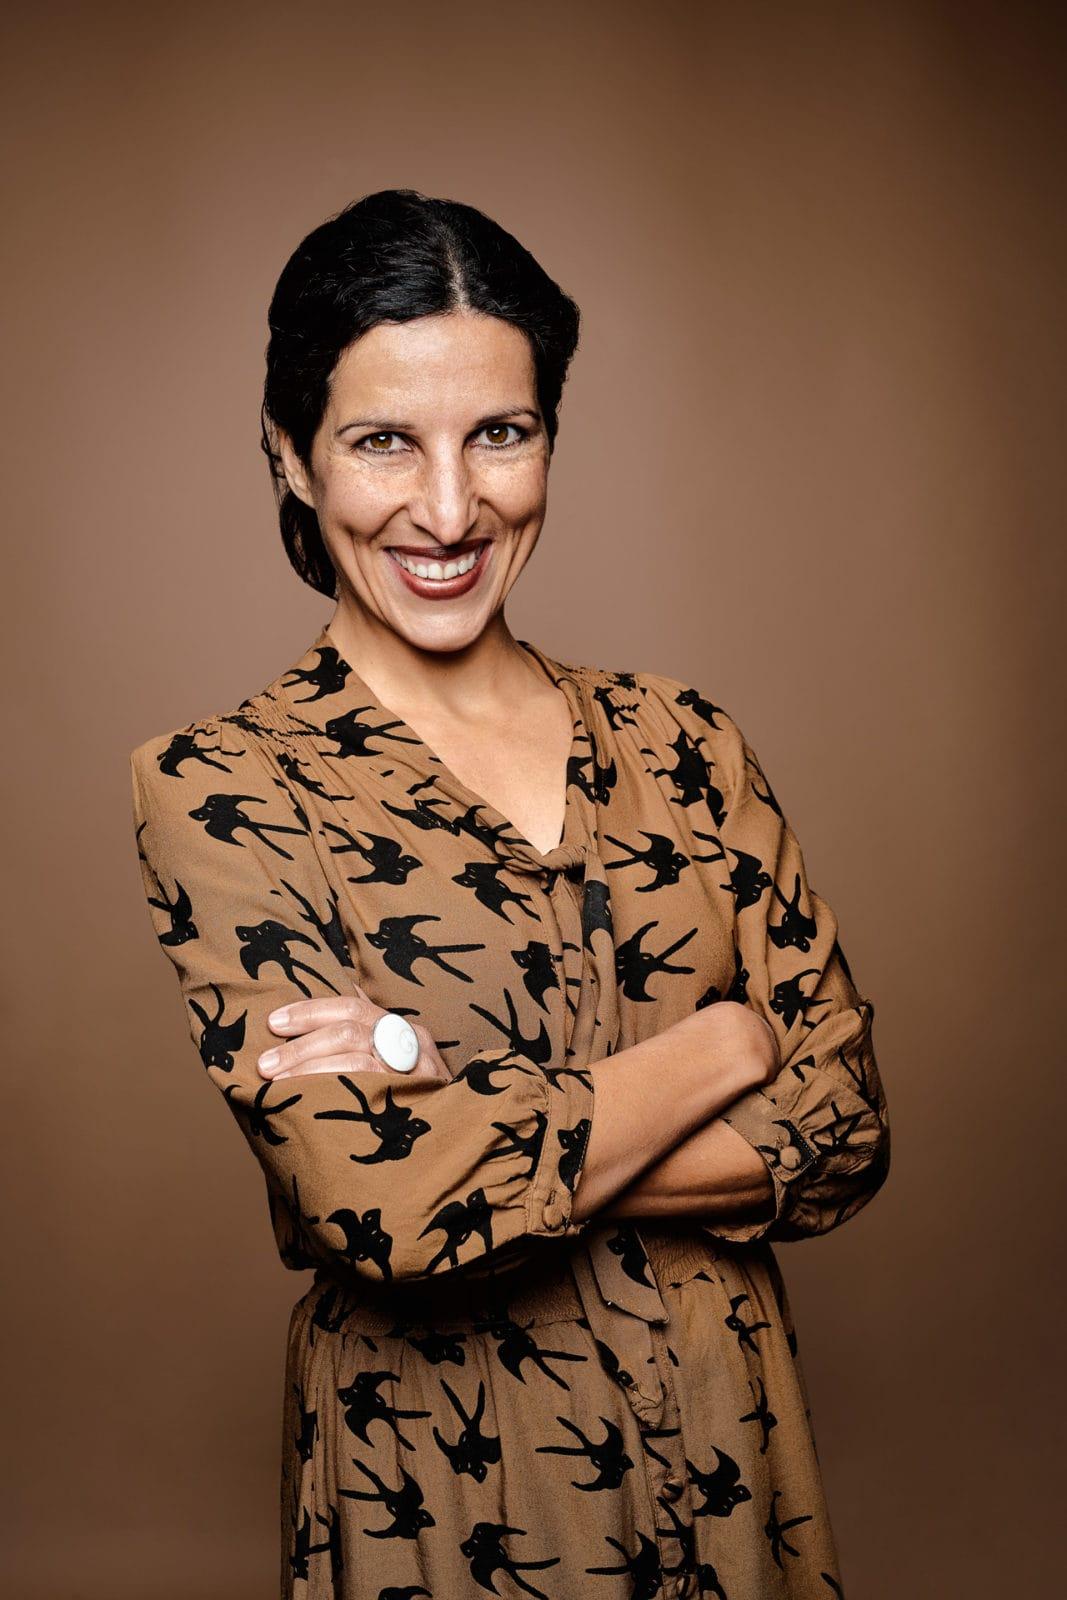 Auftragsfotografie Sedcard für Schauspielerin und Model - Studioportrait